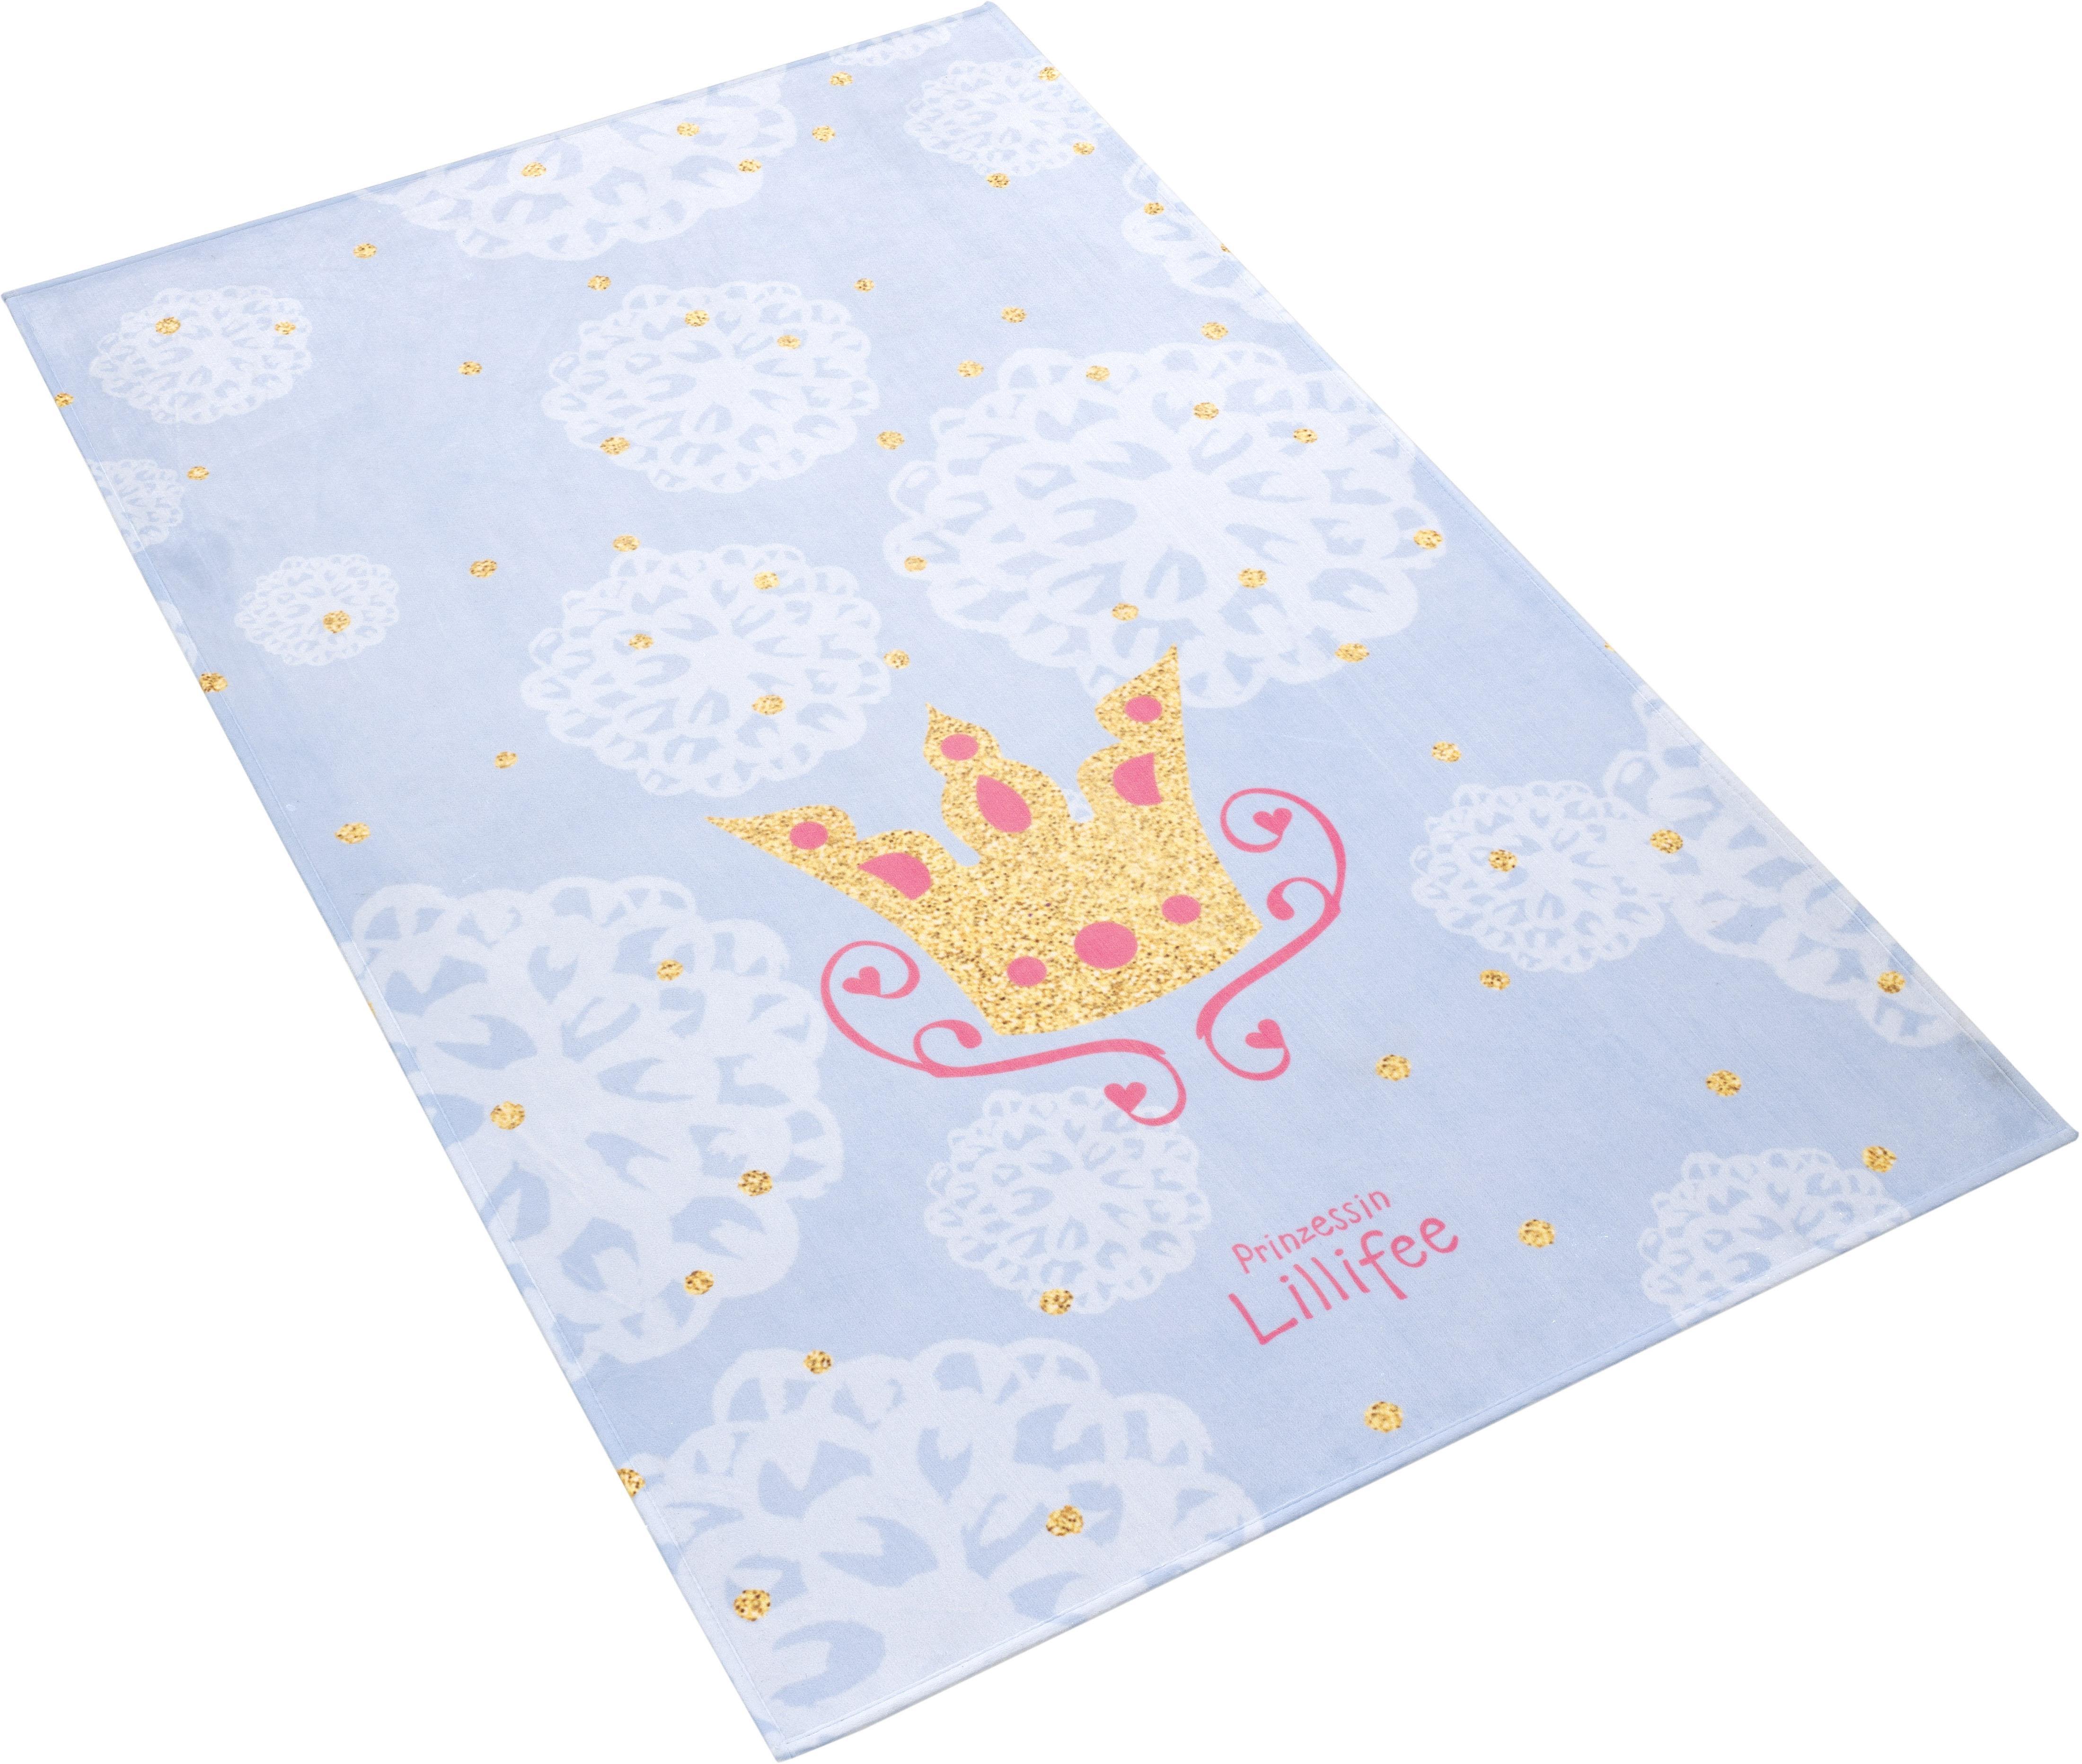 Kinderteppich LI-114 Prinzessin Lillifee rechteckig Höhe 6 mm gedruckt